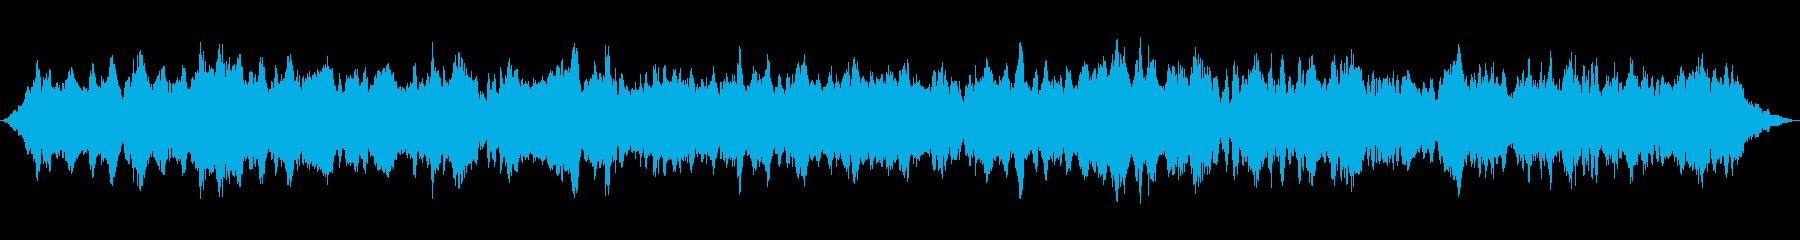 VAST MACHINE、磁気波、...の再生済みの波形